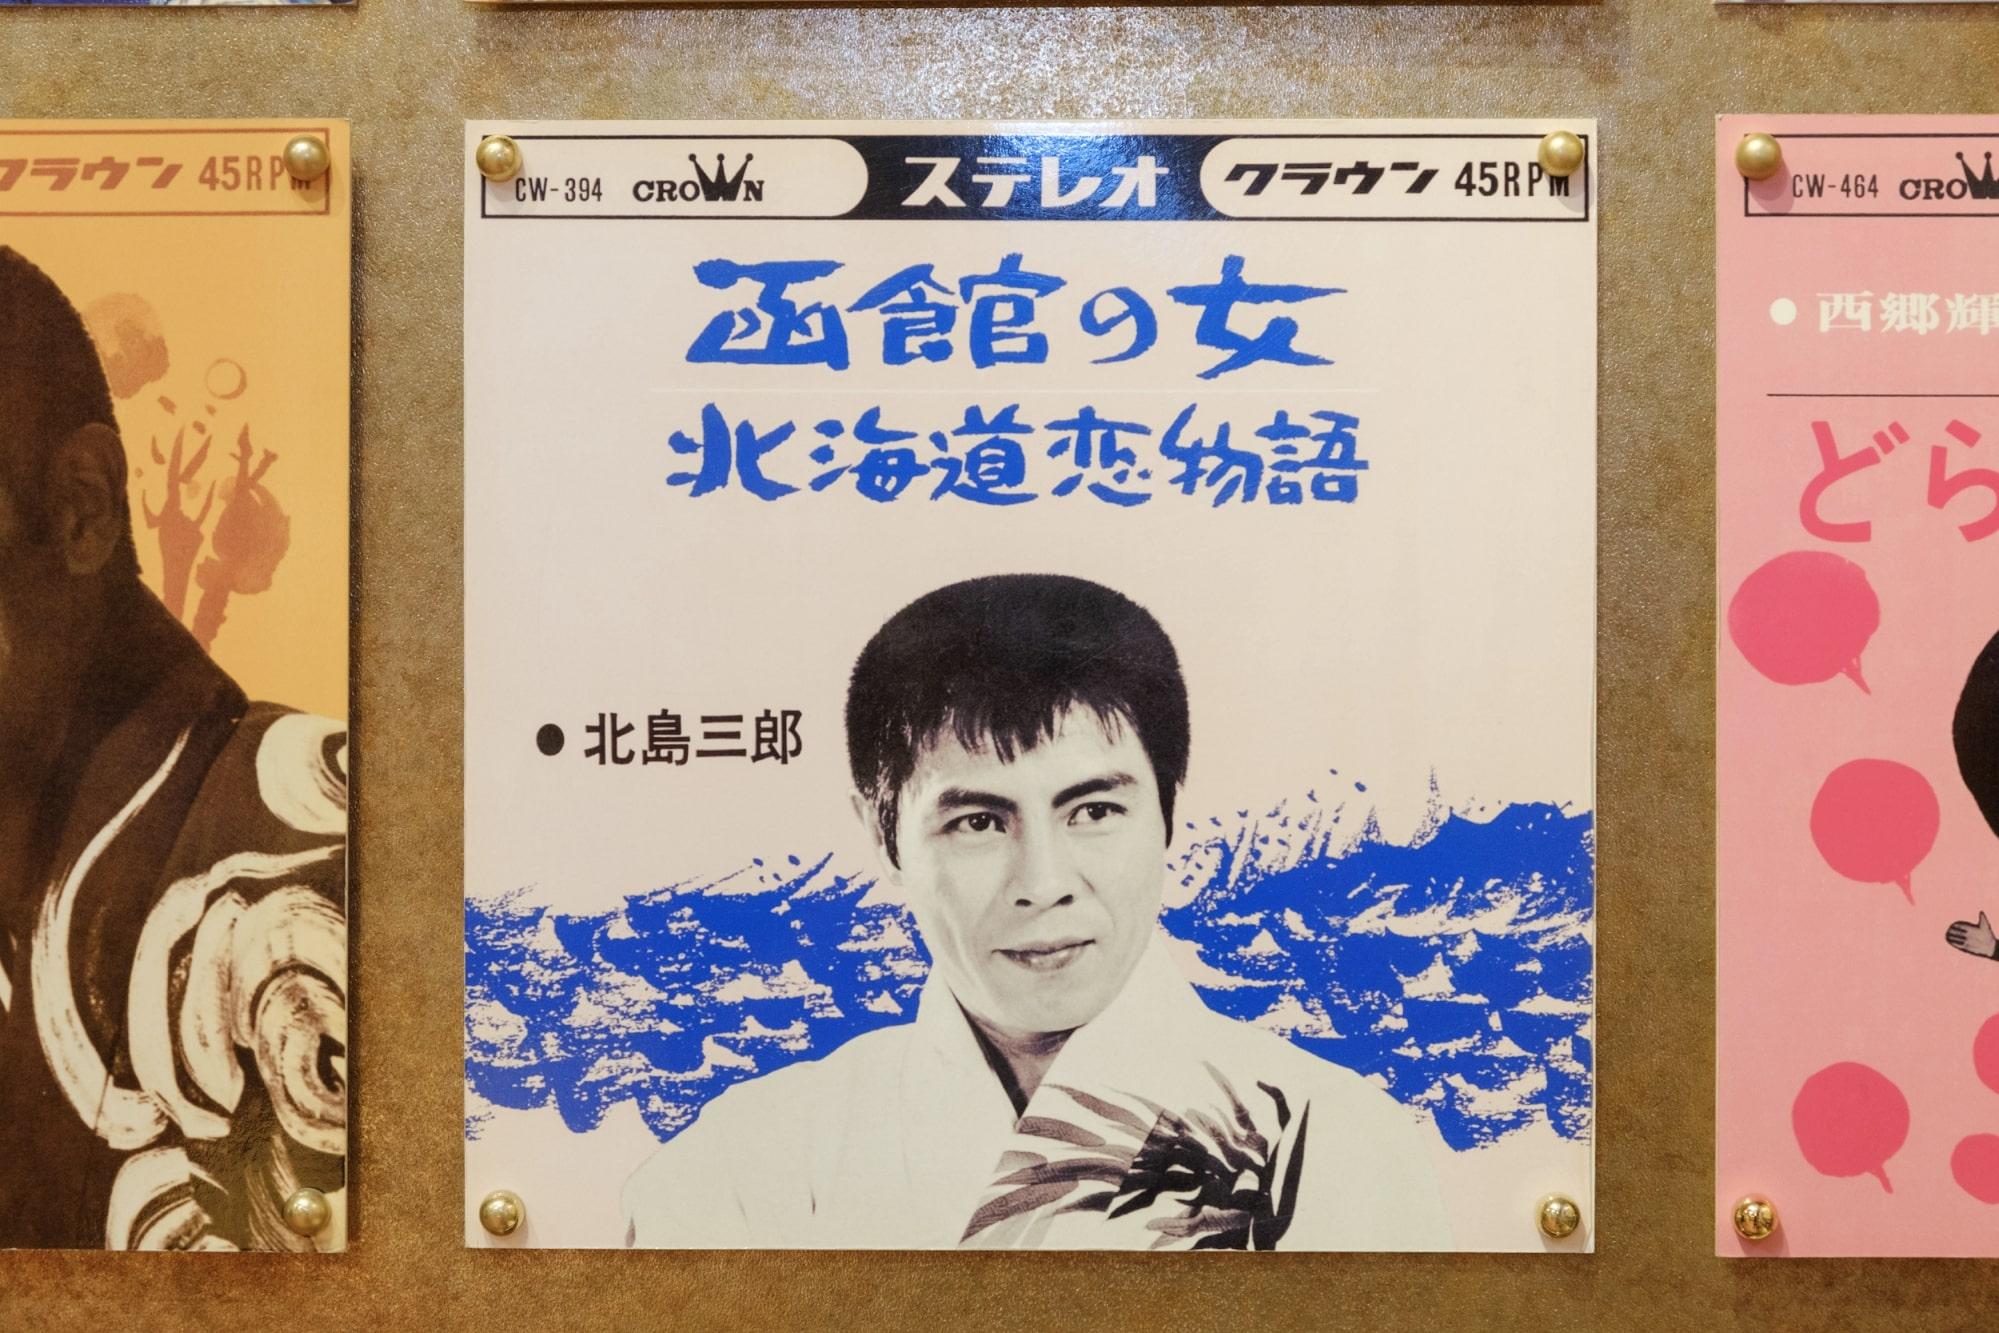 北島三郎さん『函館の女』のジャケット